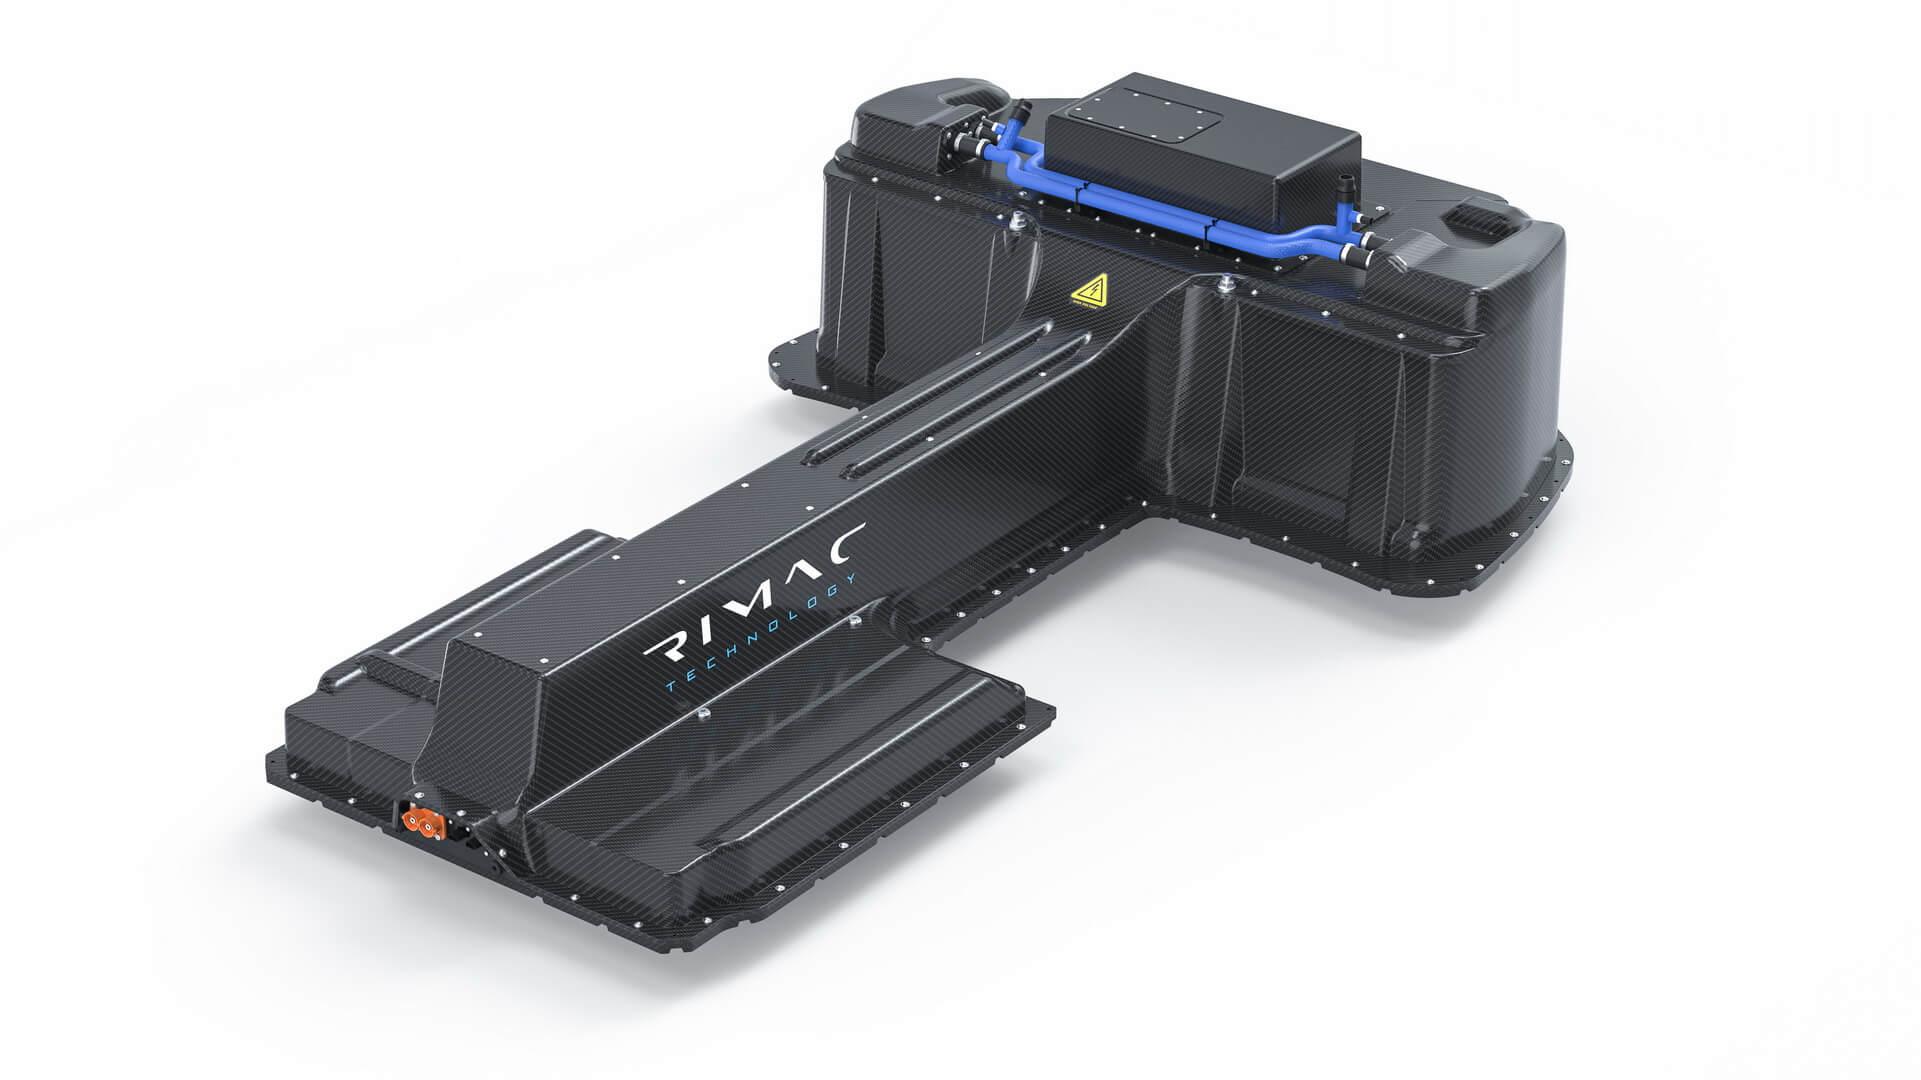 H-образная батарея Rimac Nevera с жидкостным охлаждением емкостью 120 кВт⋅ч